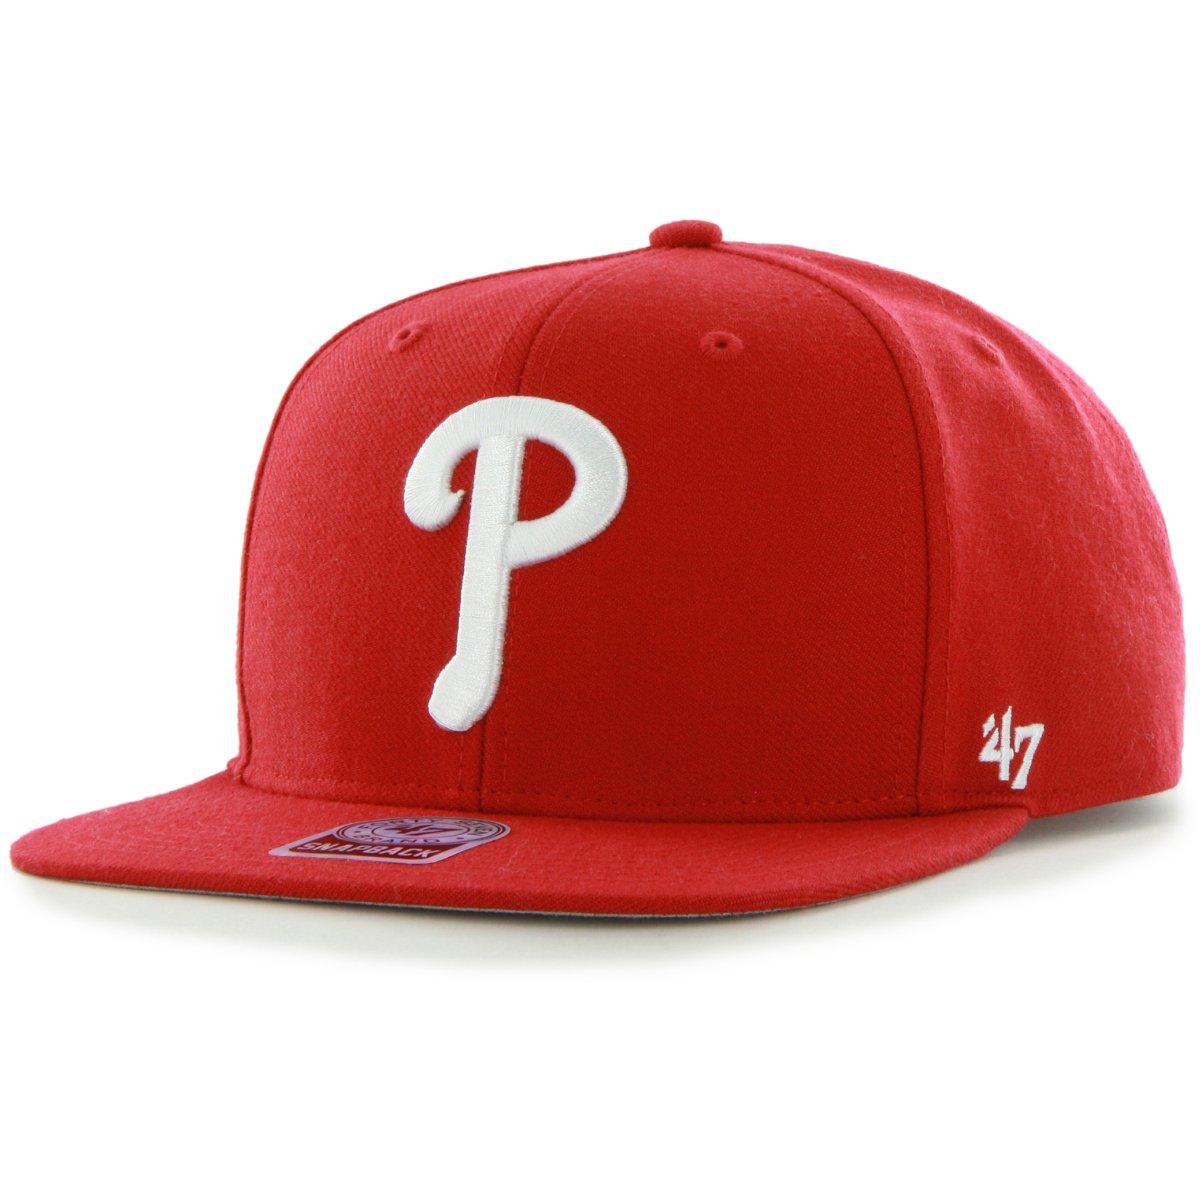 d5e5680c6b1 Details about 47 Brand Snapback Cap - SURE SHOT Philadelphia Phillies red